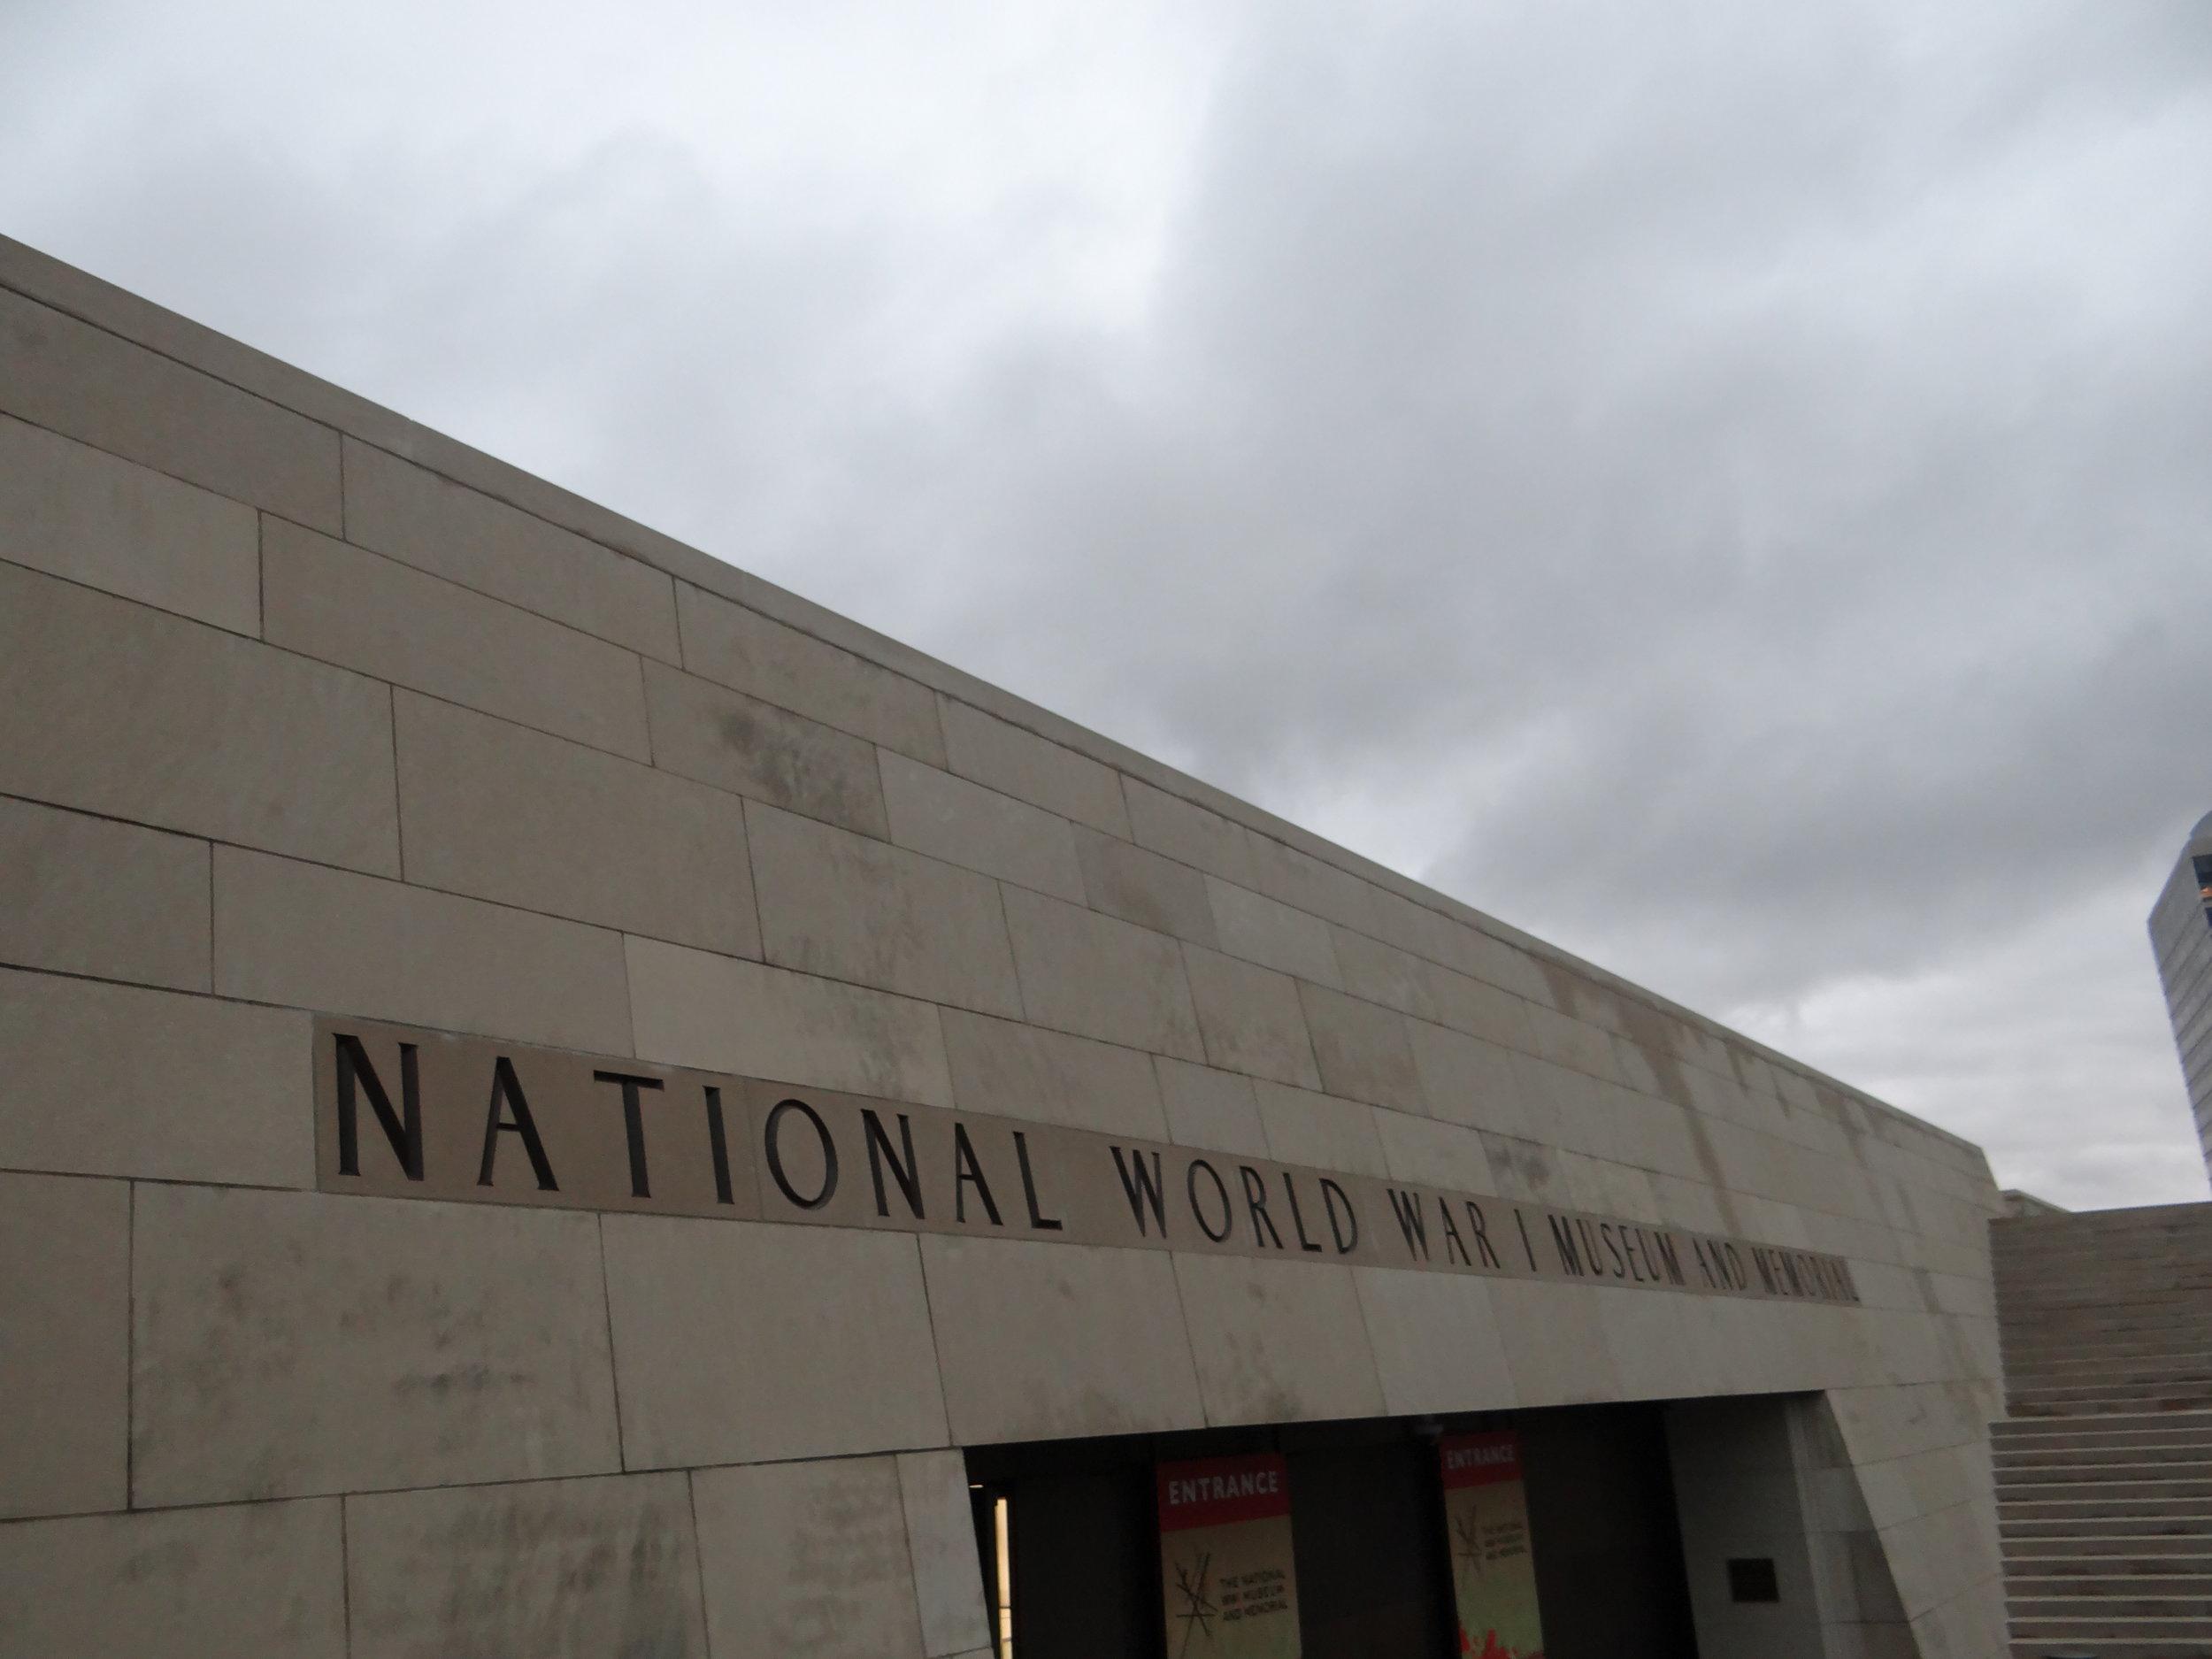 national world war one museum kansas city.JPG